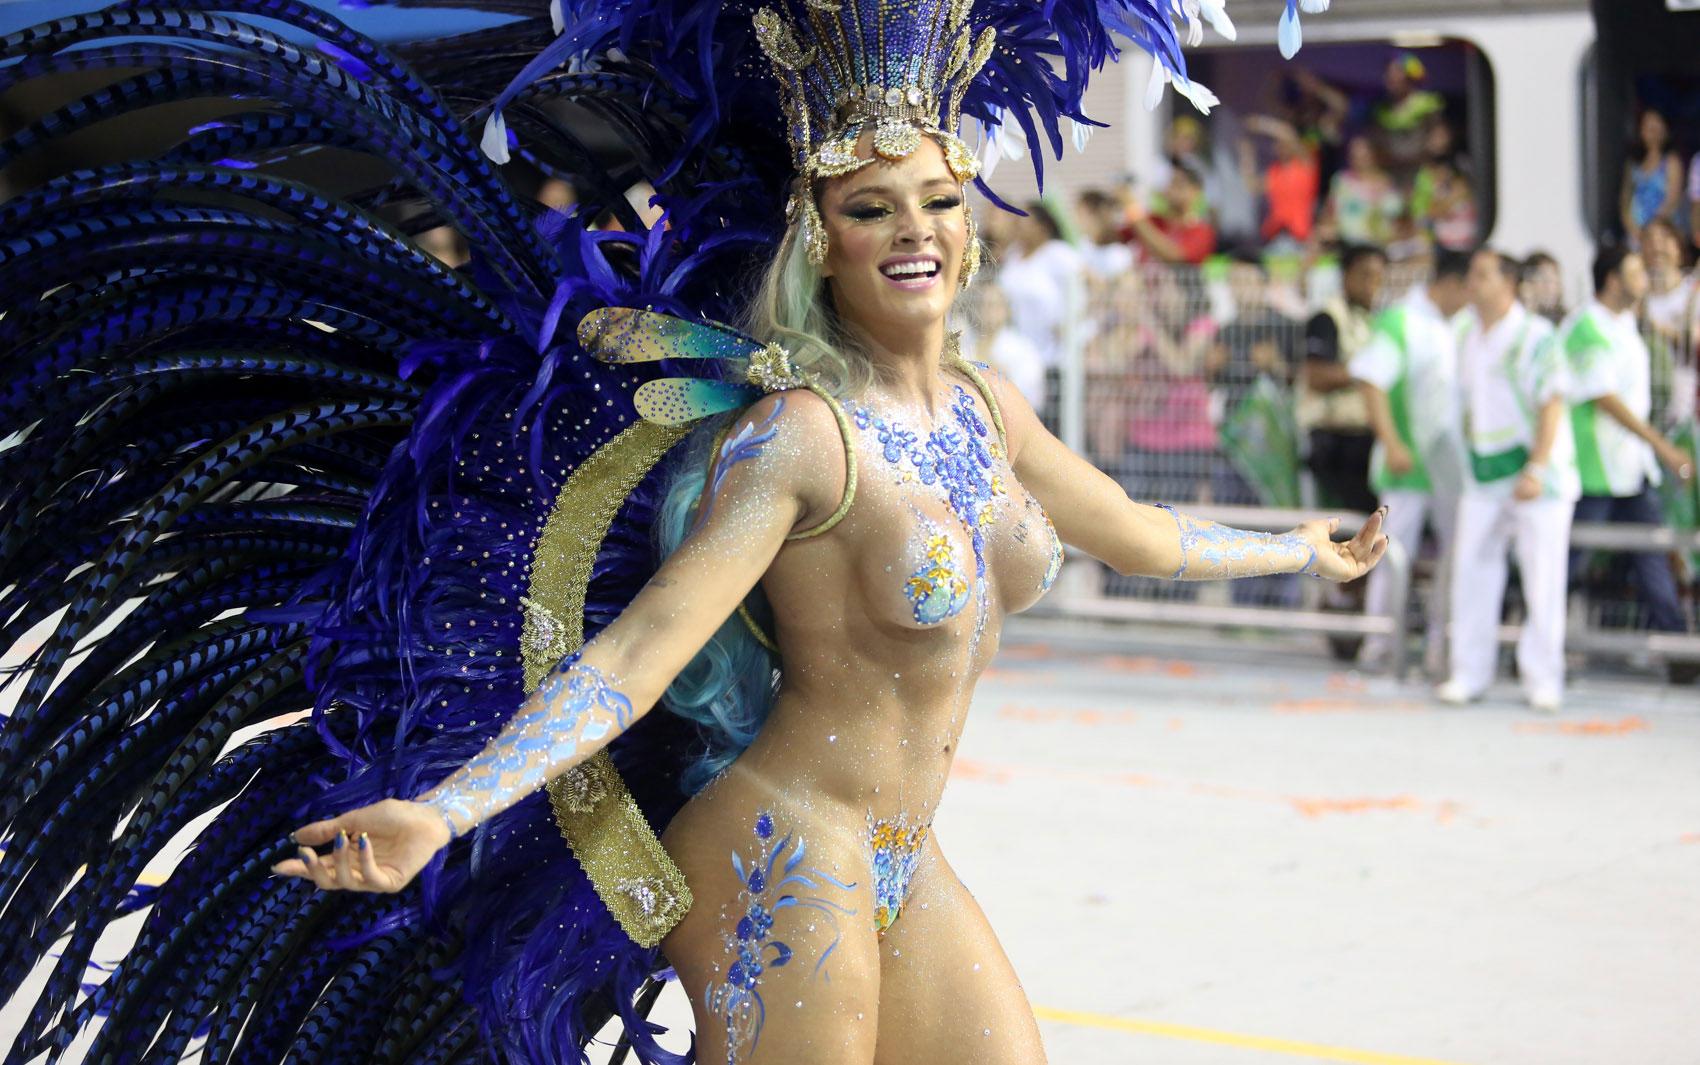 Онлайн русское голые жопы на карнавале видео онлайн наташу